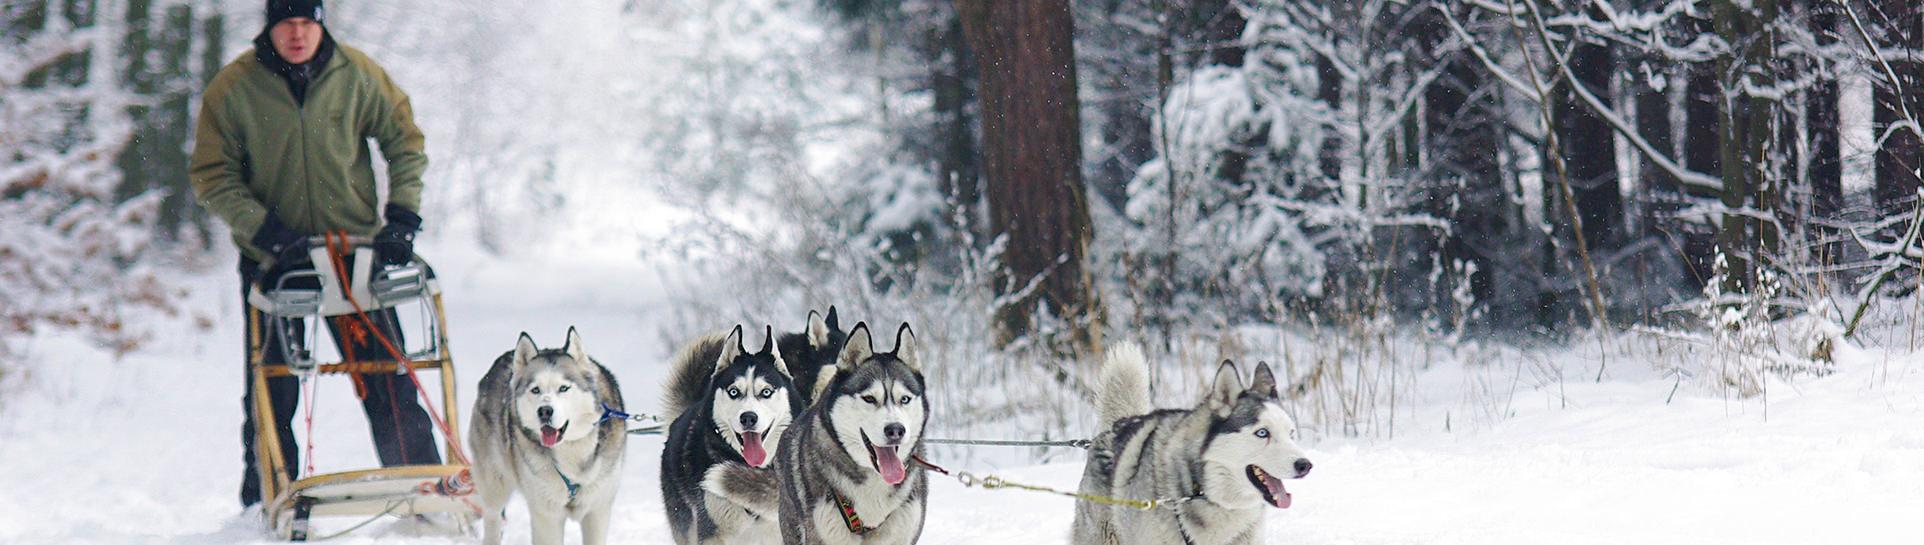 Dog-sledding in Lapland